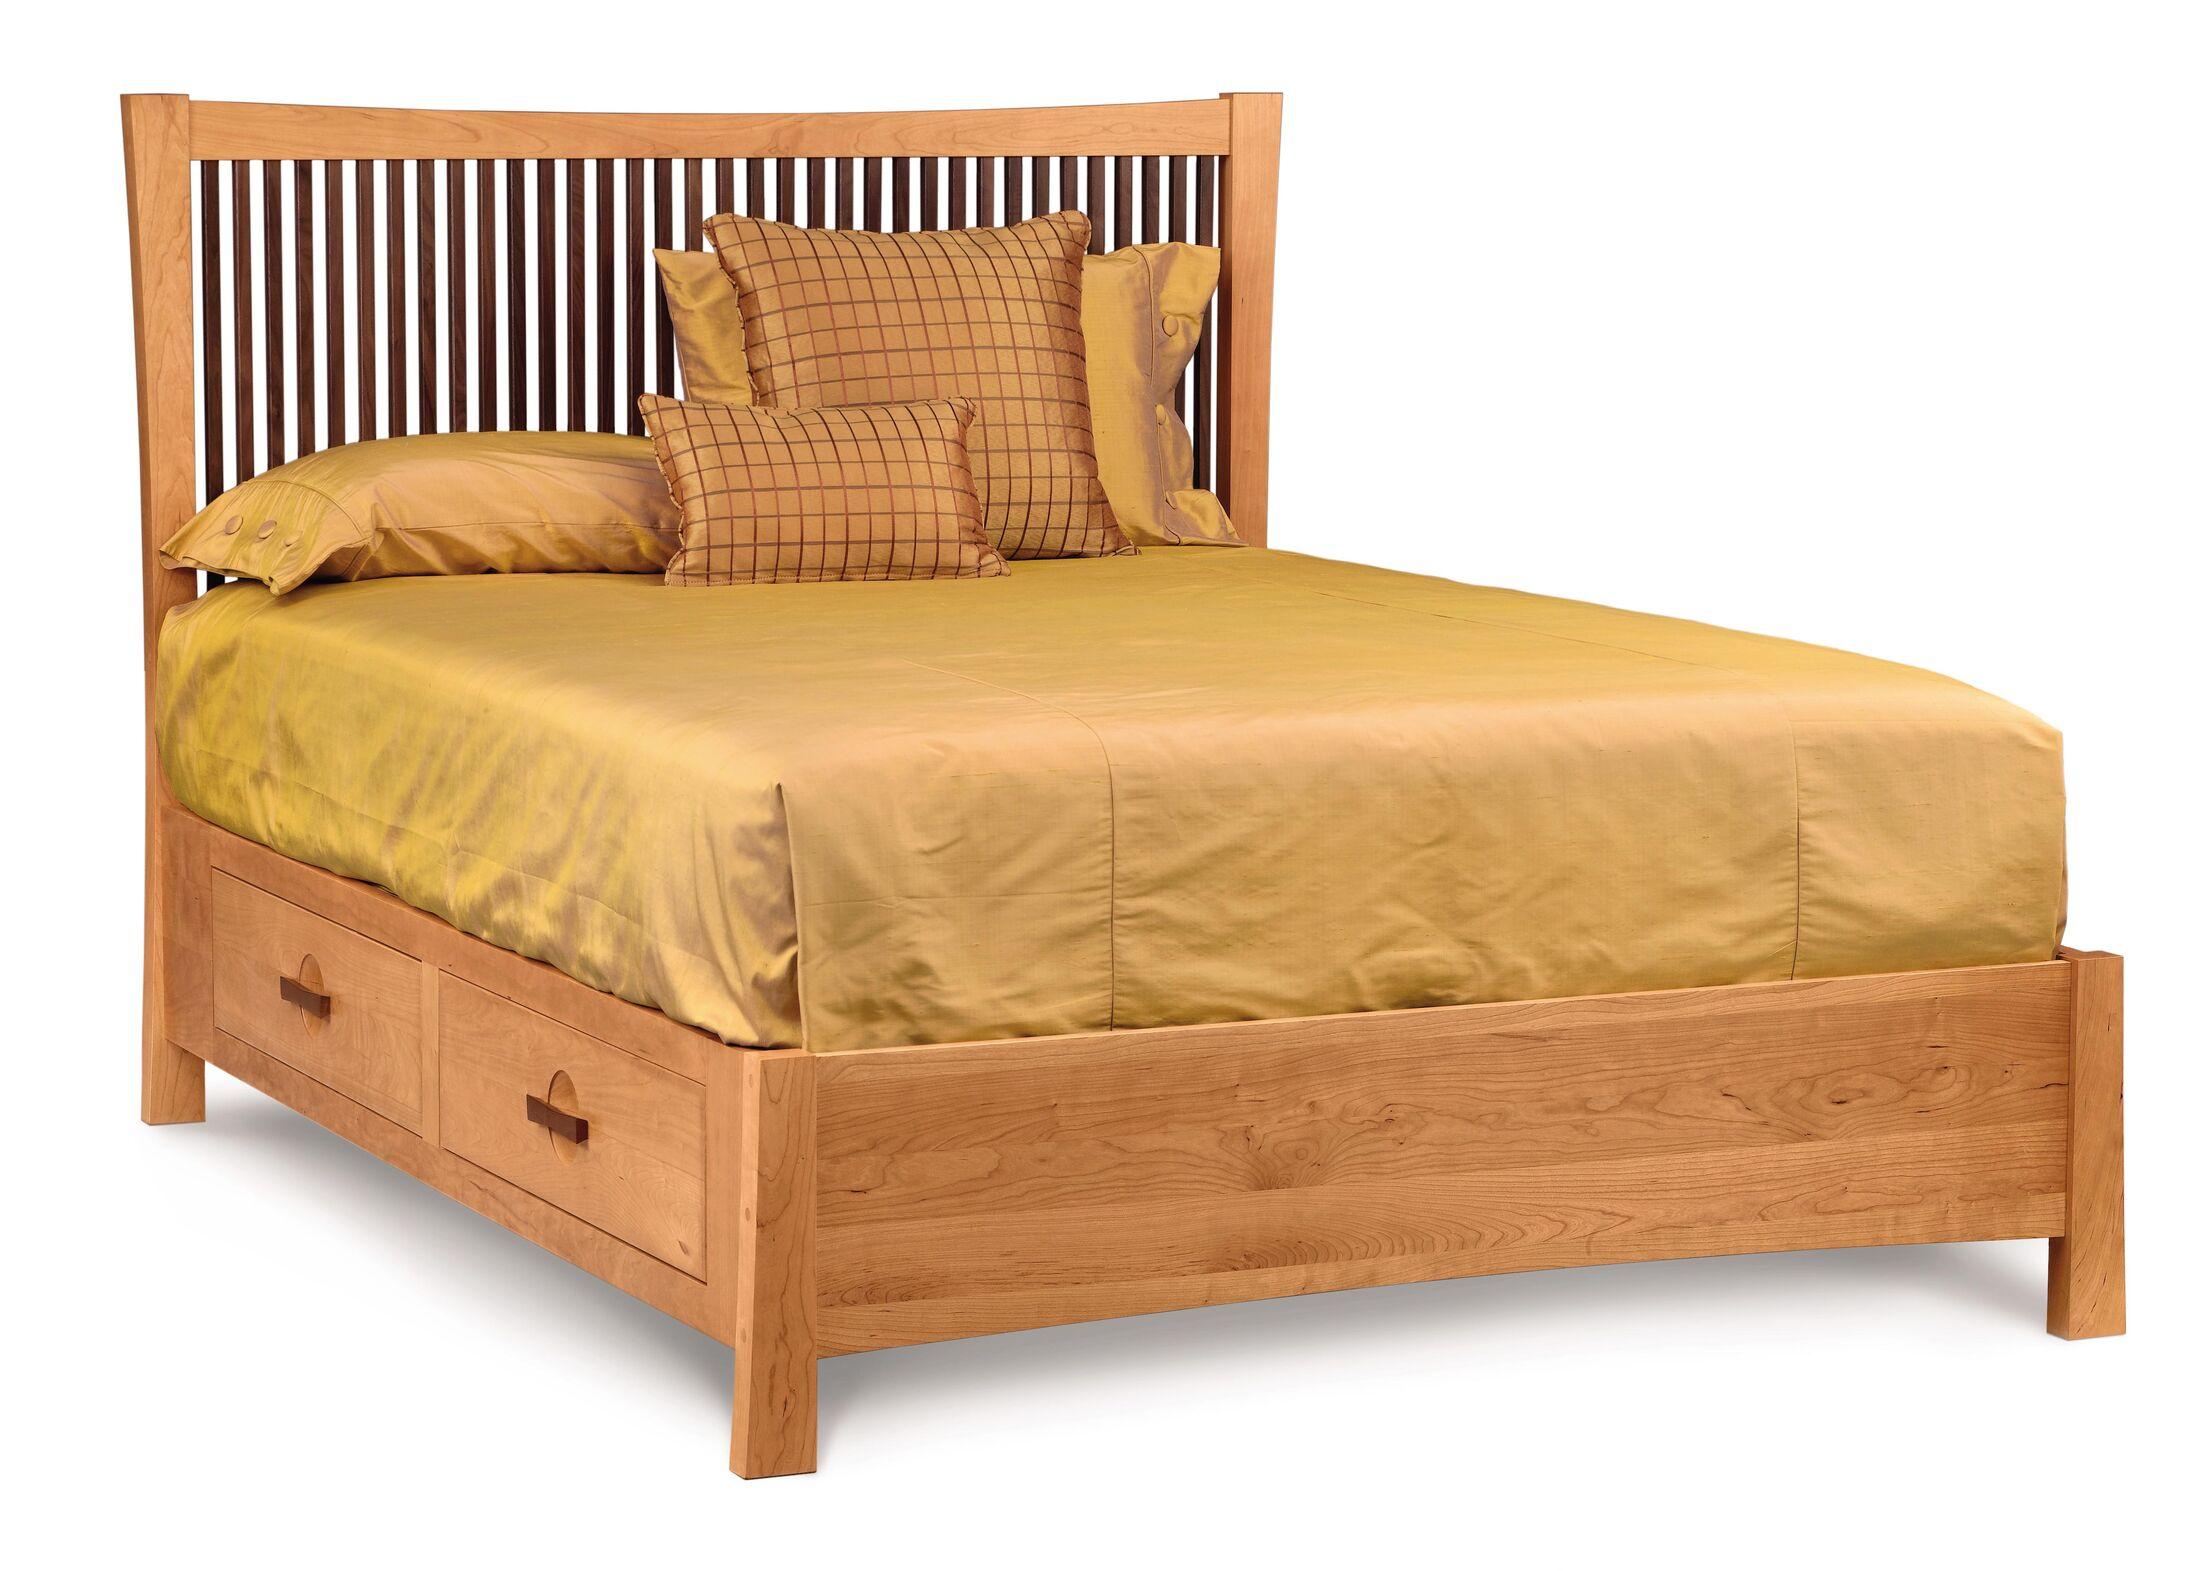 Berkeley Storage Platform Bed Size: King, Color: Saddle Cherry